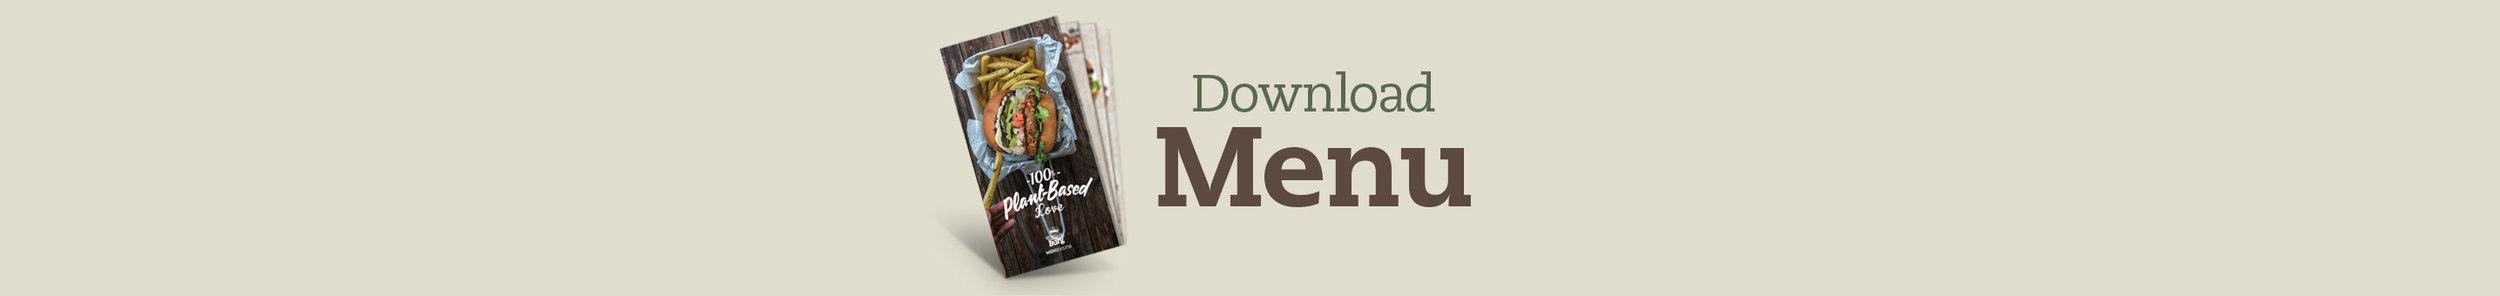 download-menu.jpg